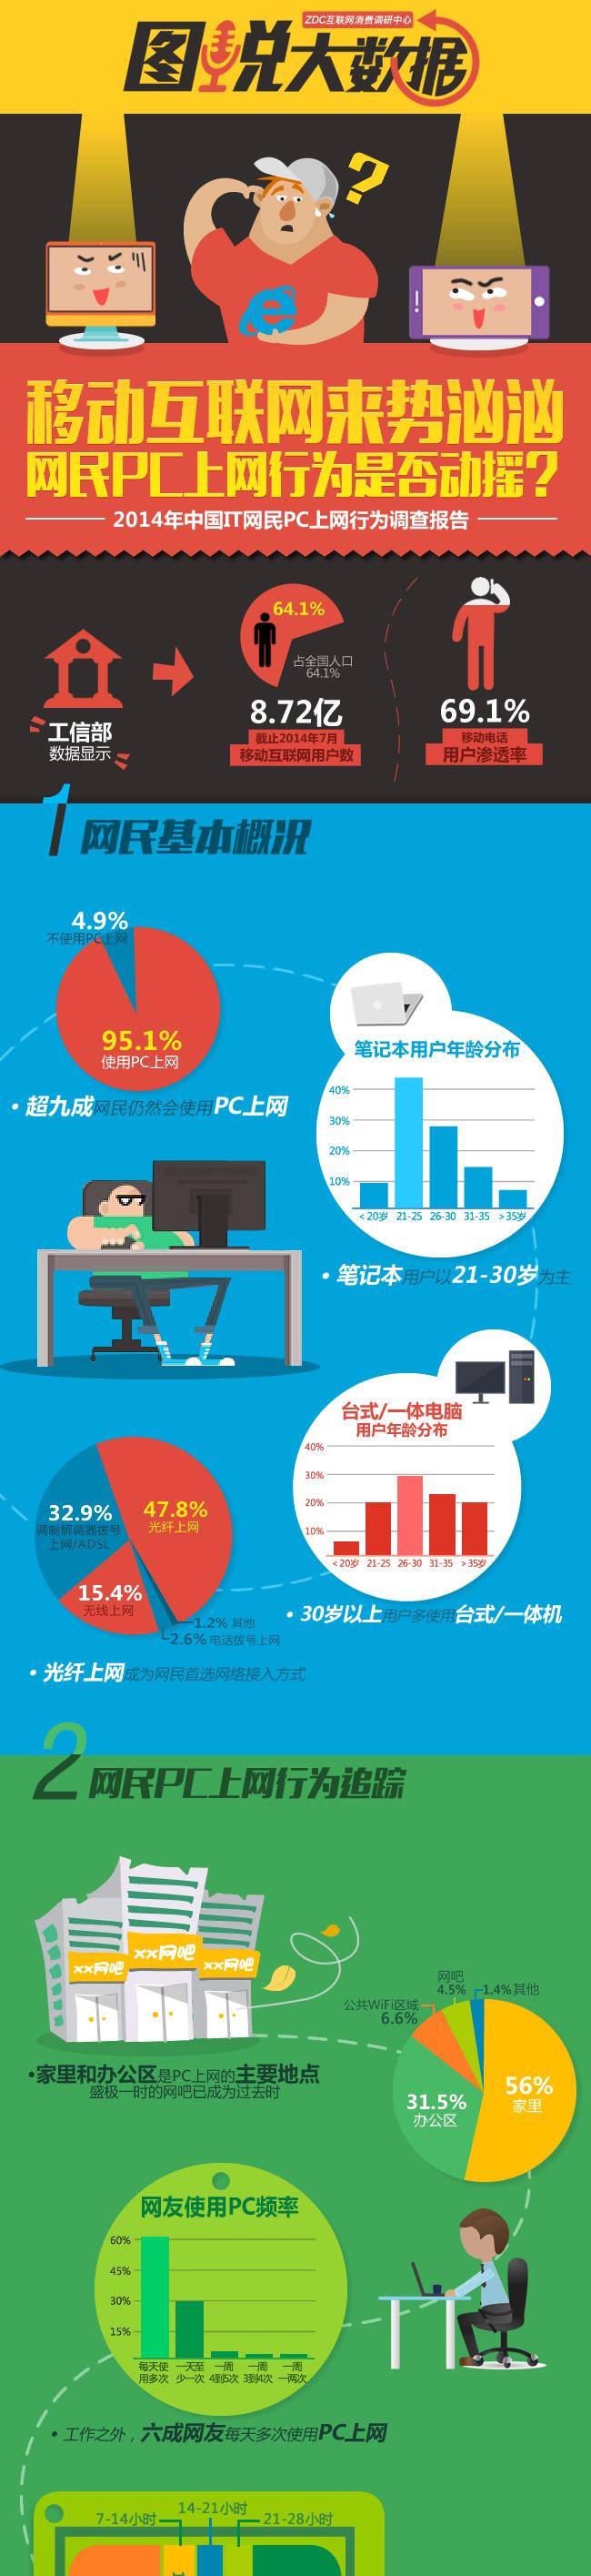 移动用户超八亿 网民PC上网行为动摇?